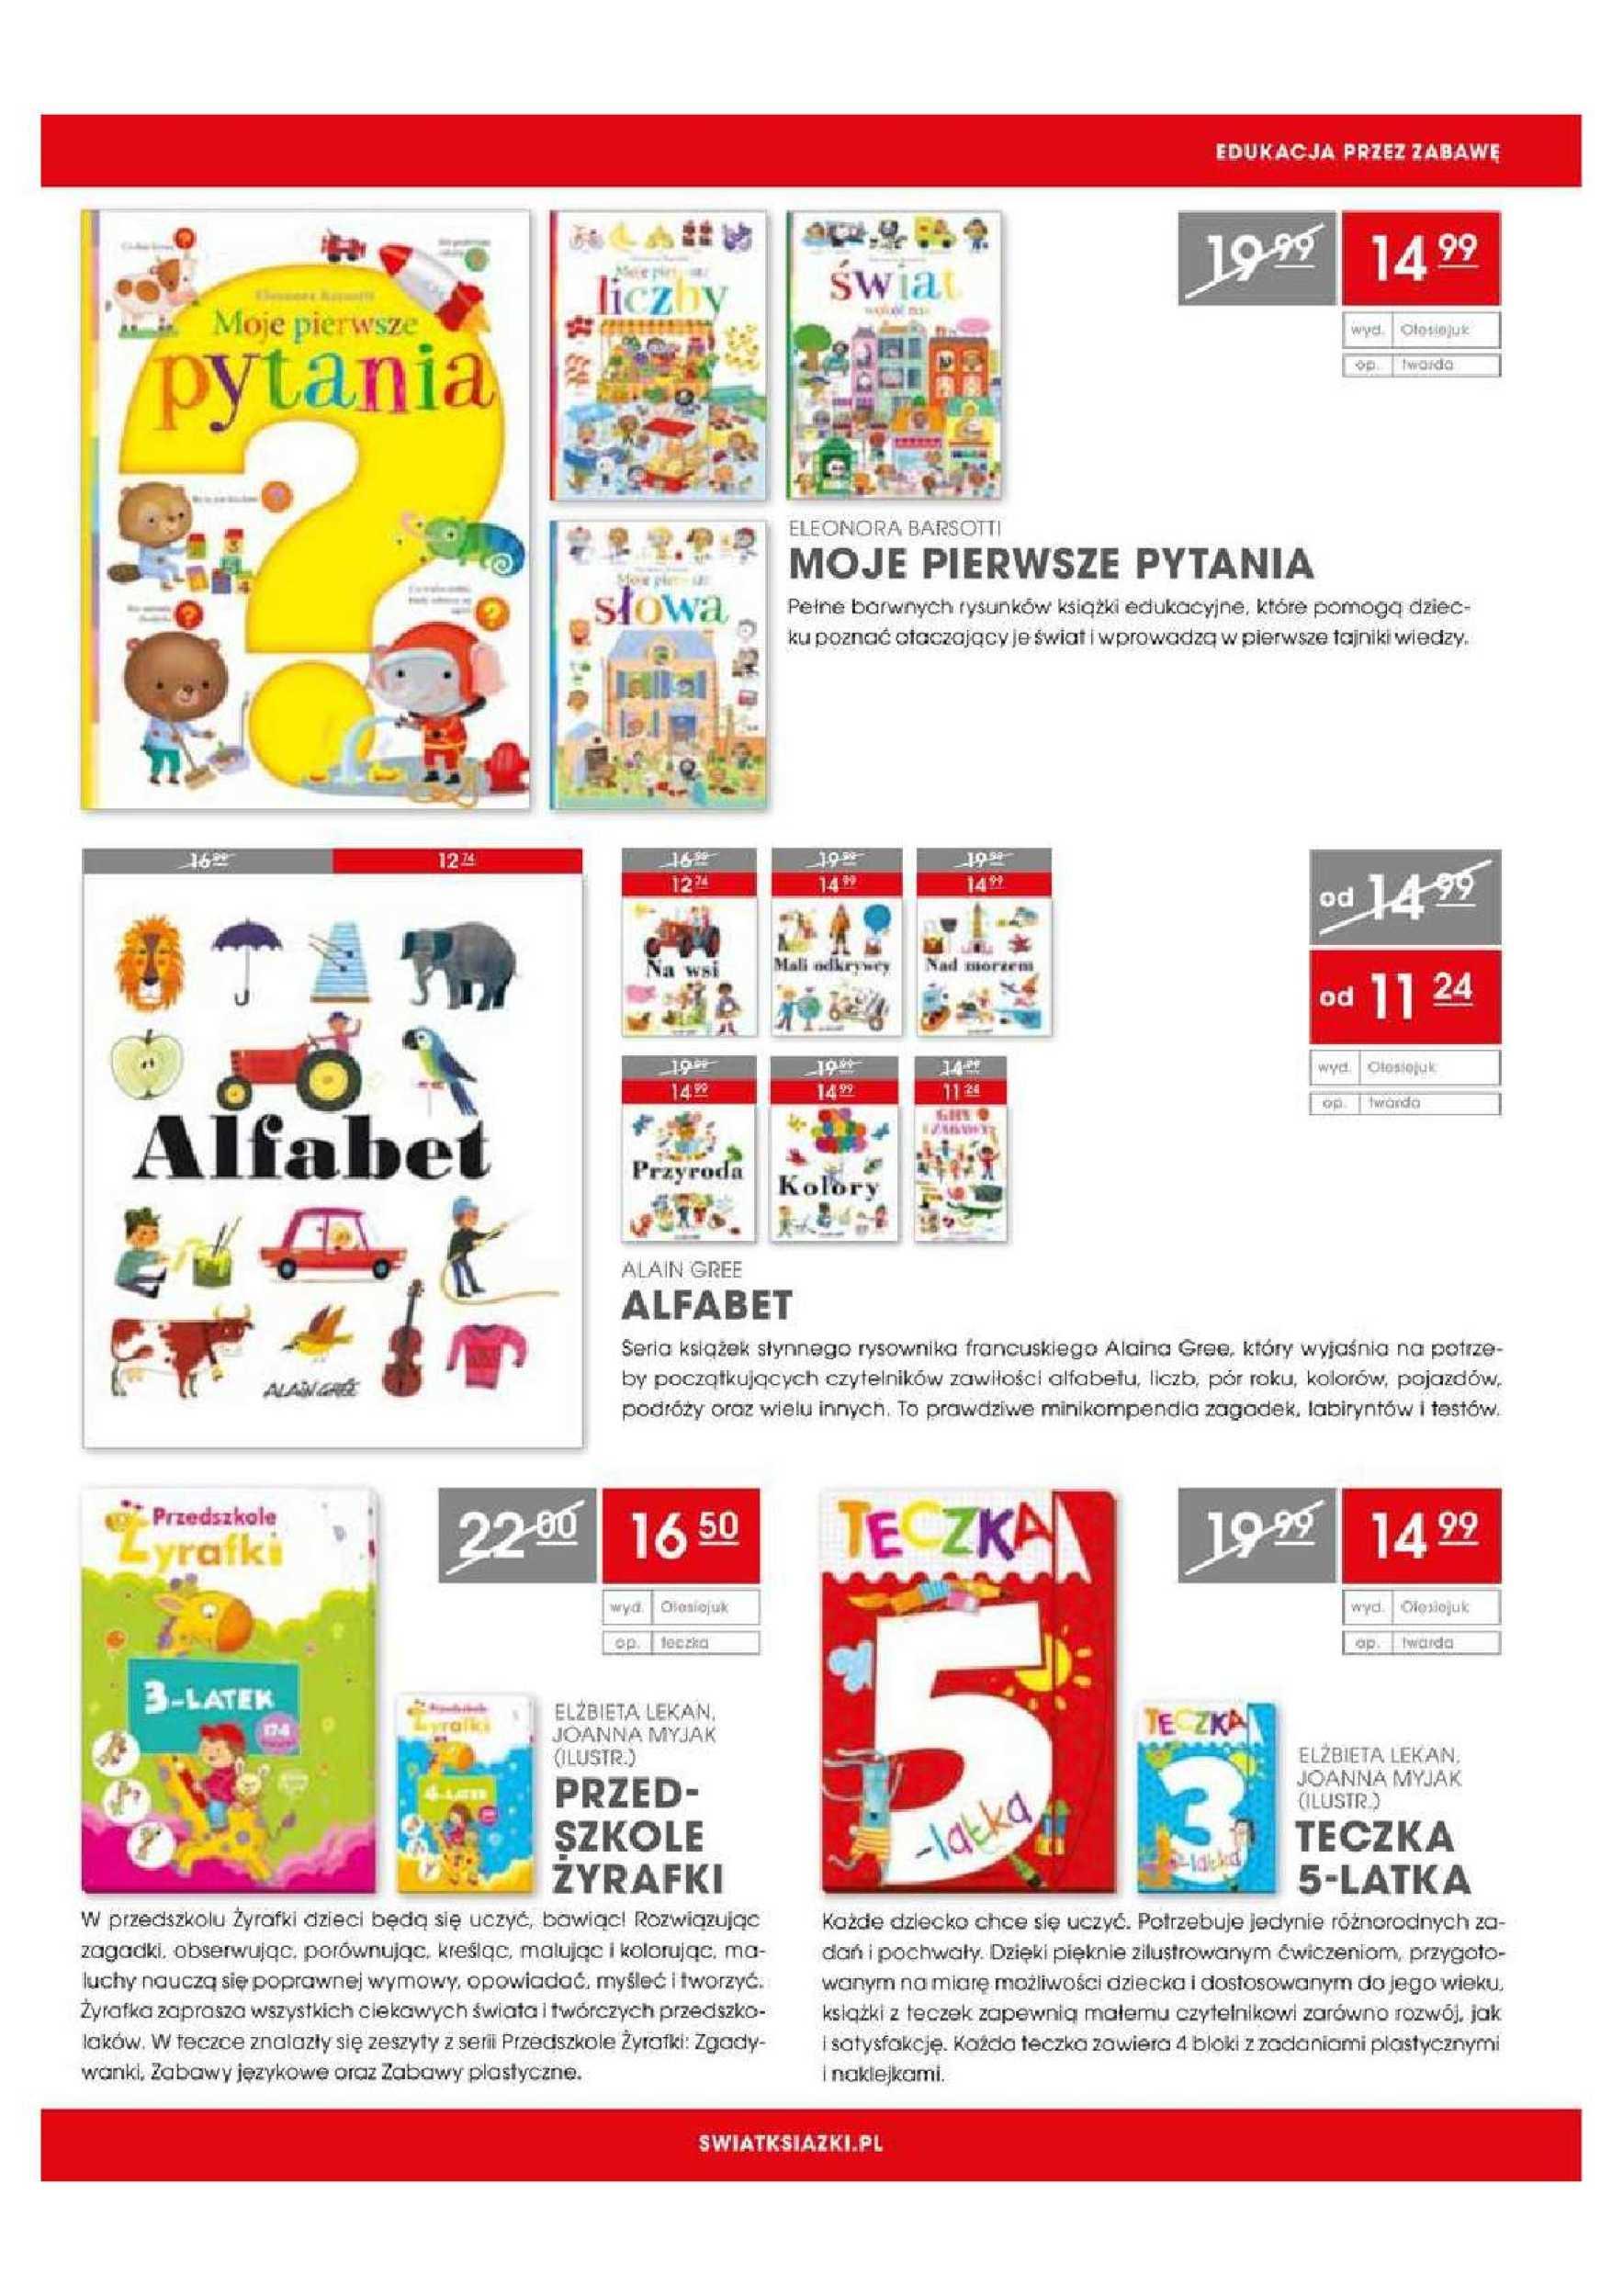 Nowy katalog / strona 7 z 44